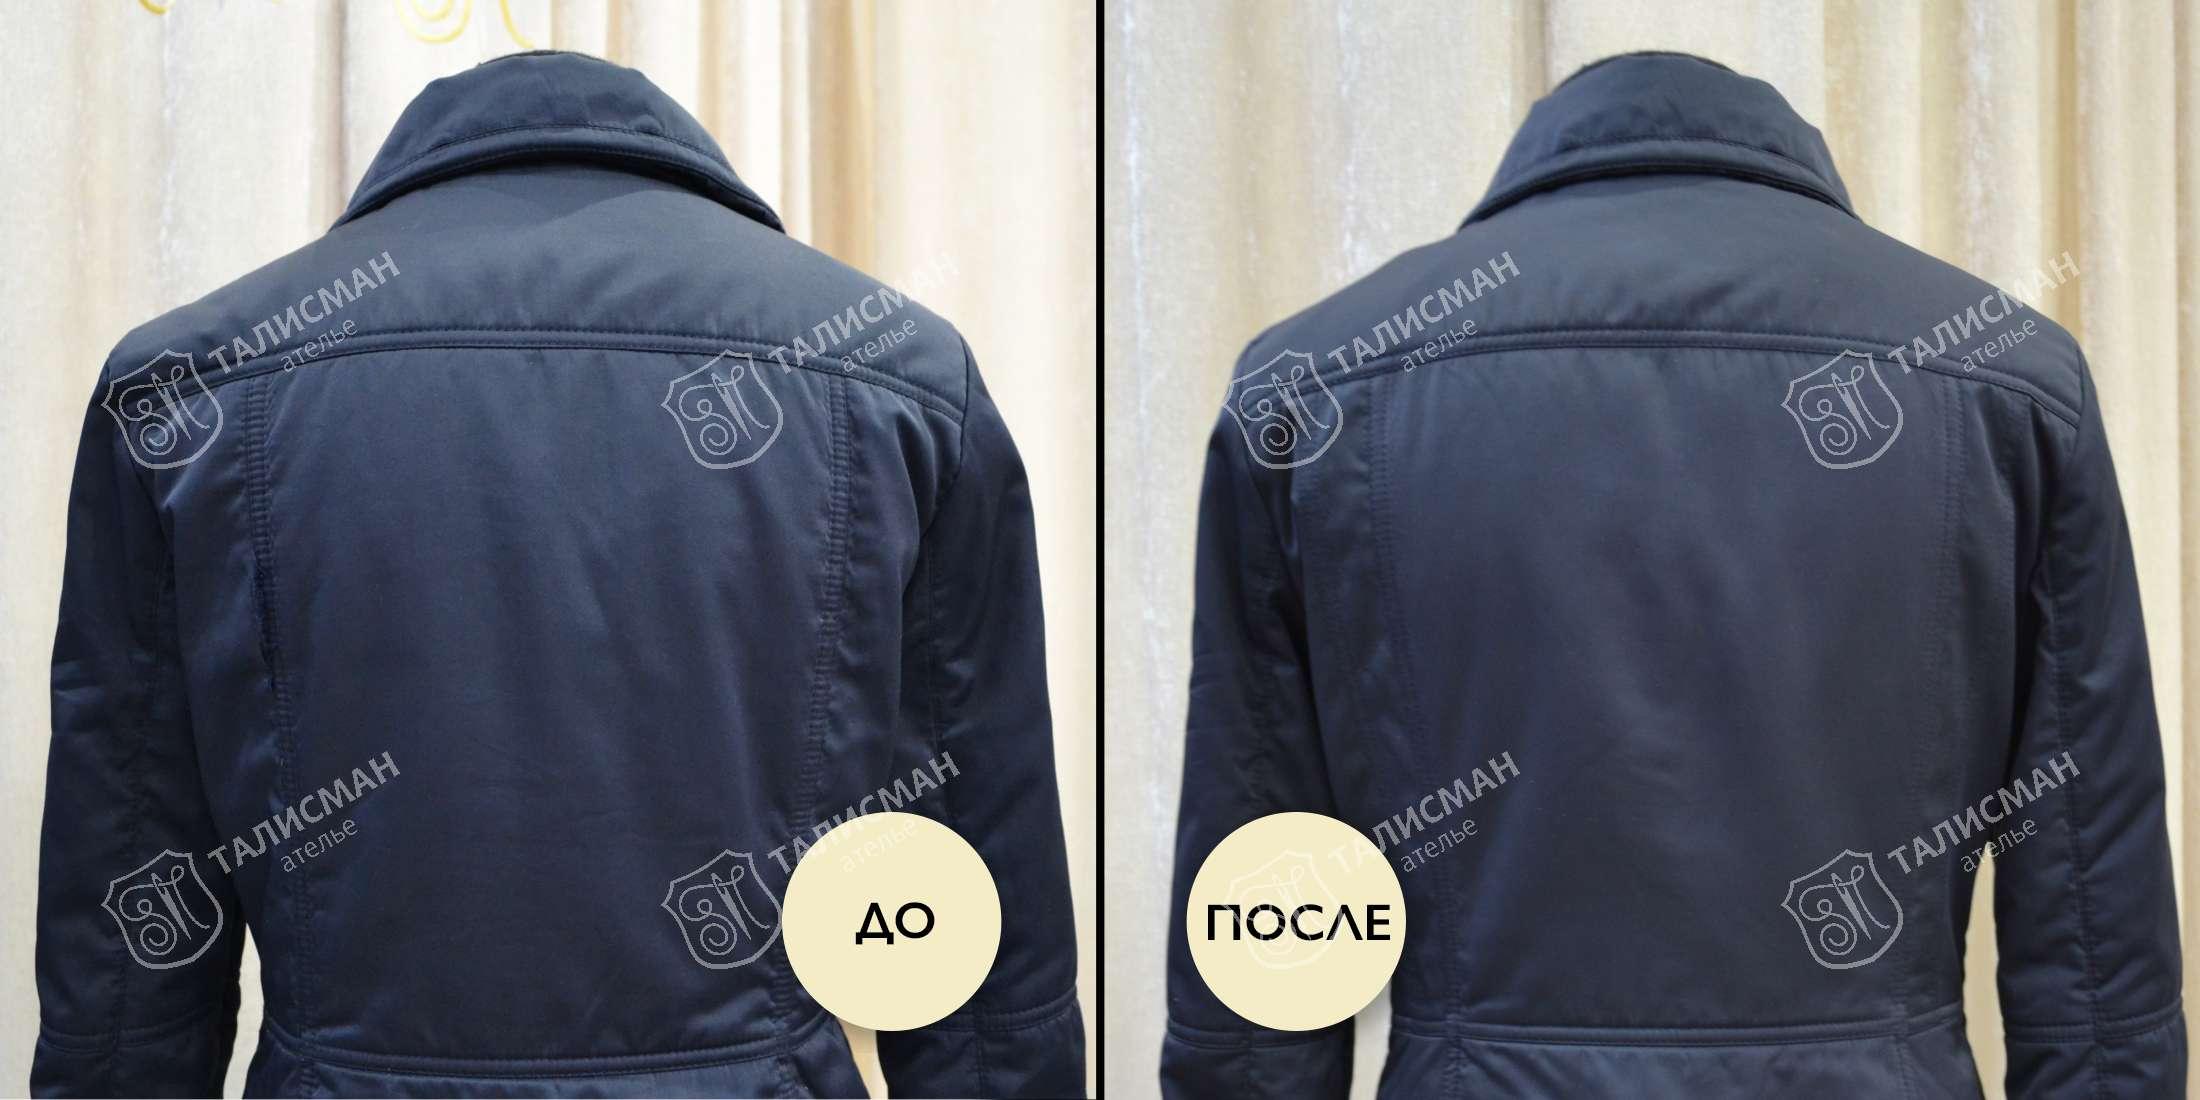 bc683efada7 Ателье по ремонту курток в Москве - ремонт болоневых курток из полиэстера в  ателье Талисман